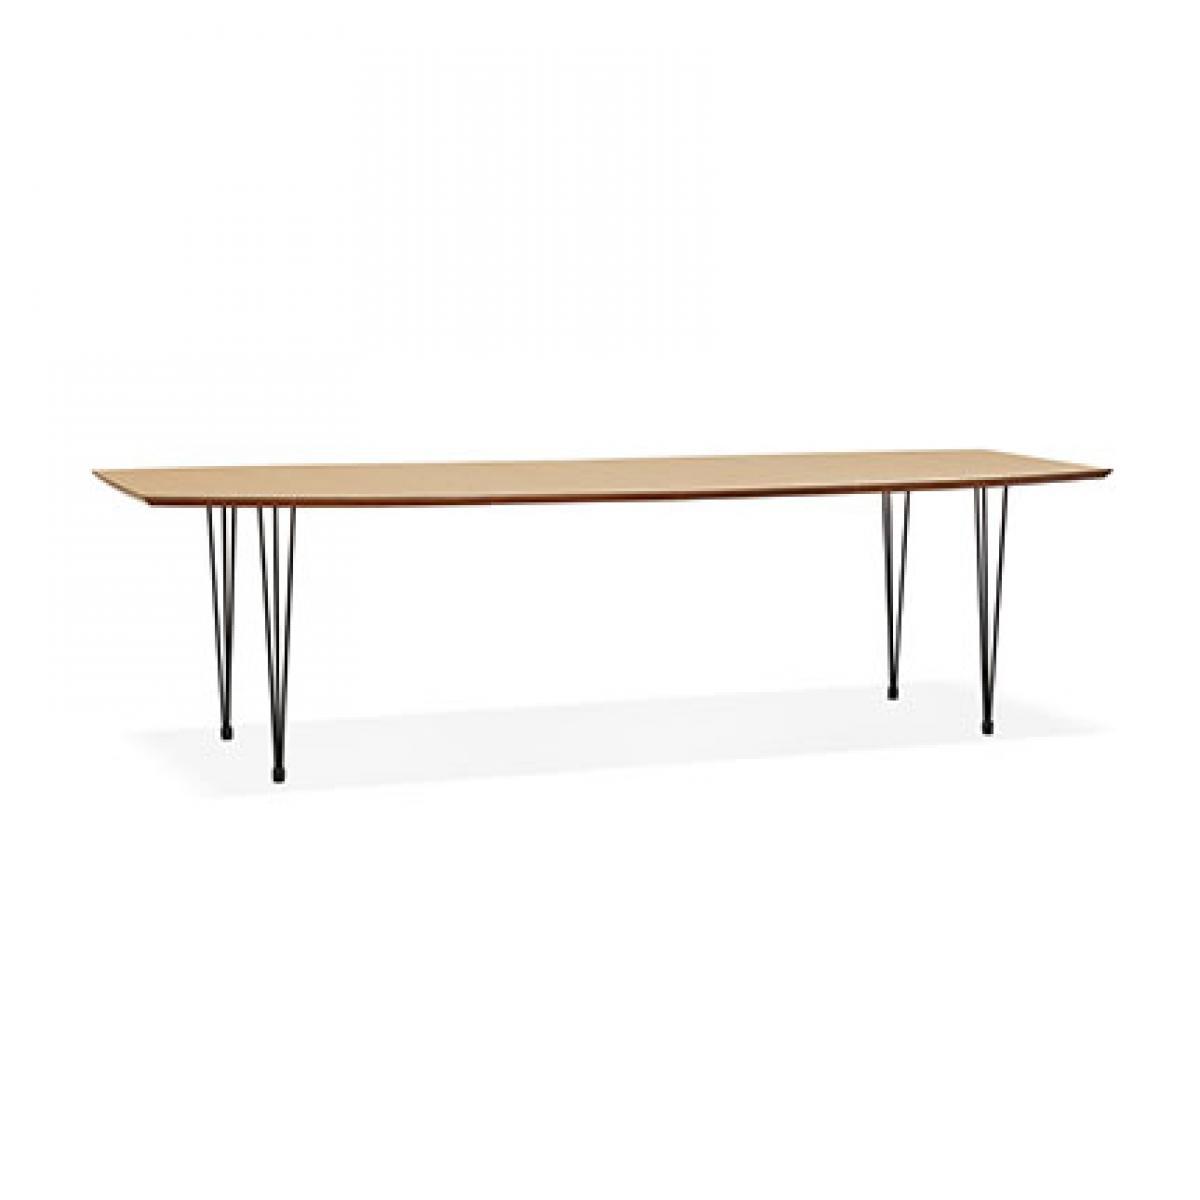 Paris Prix Table à manger 270 cm en bois décor naturel et métal